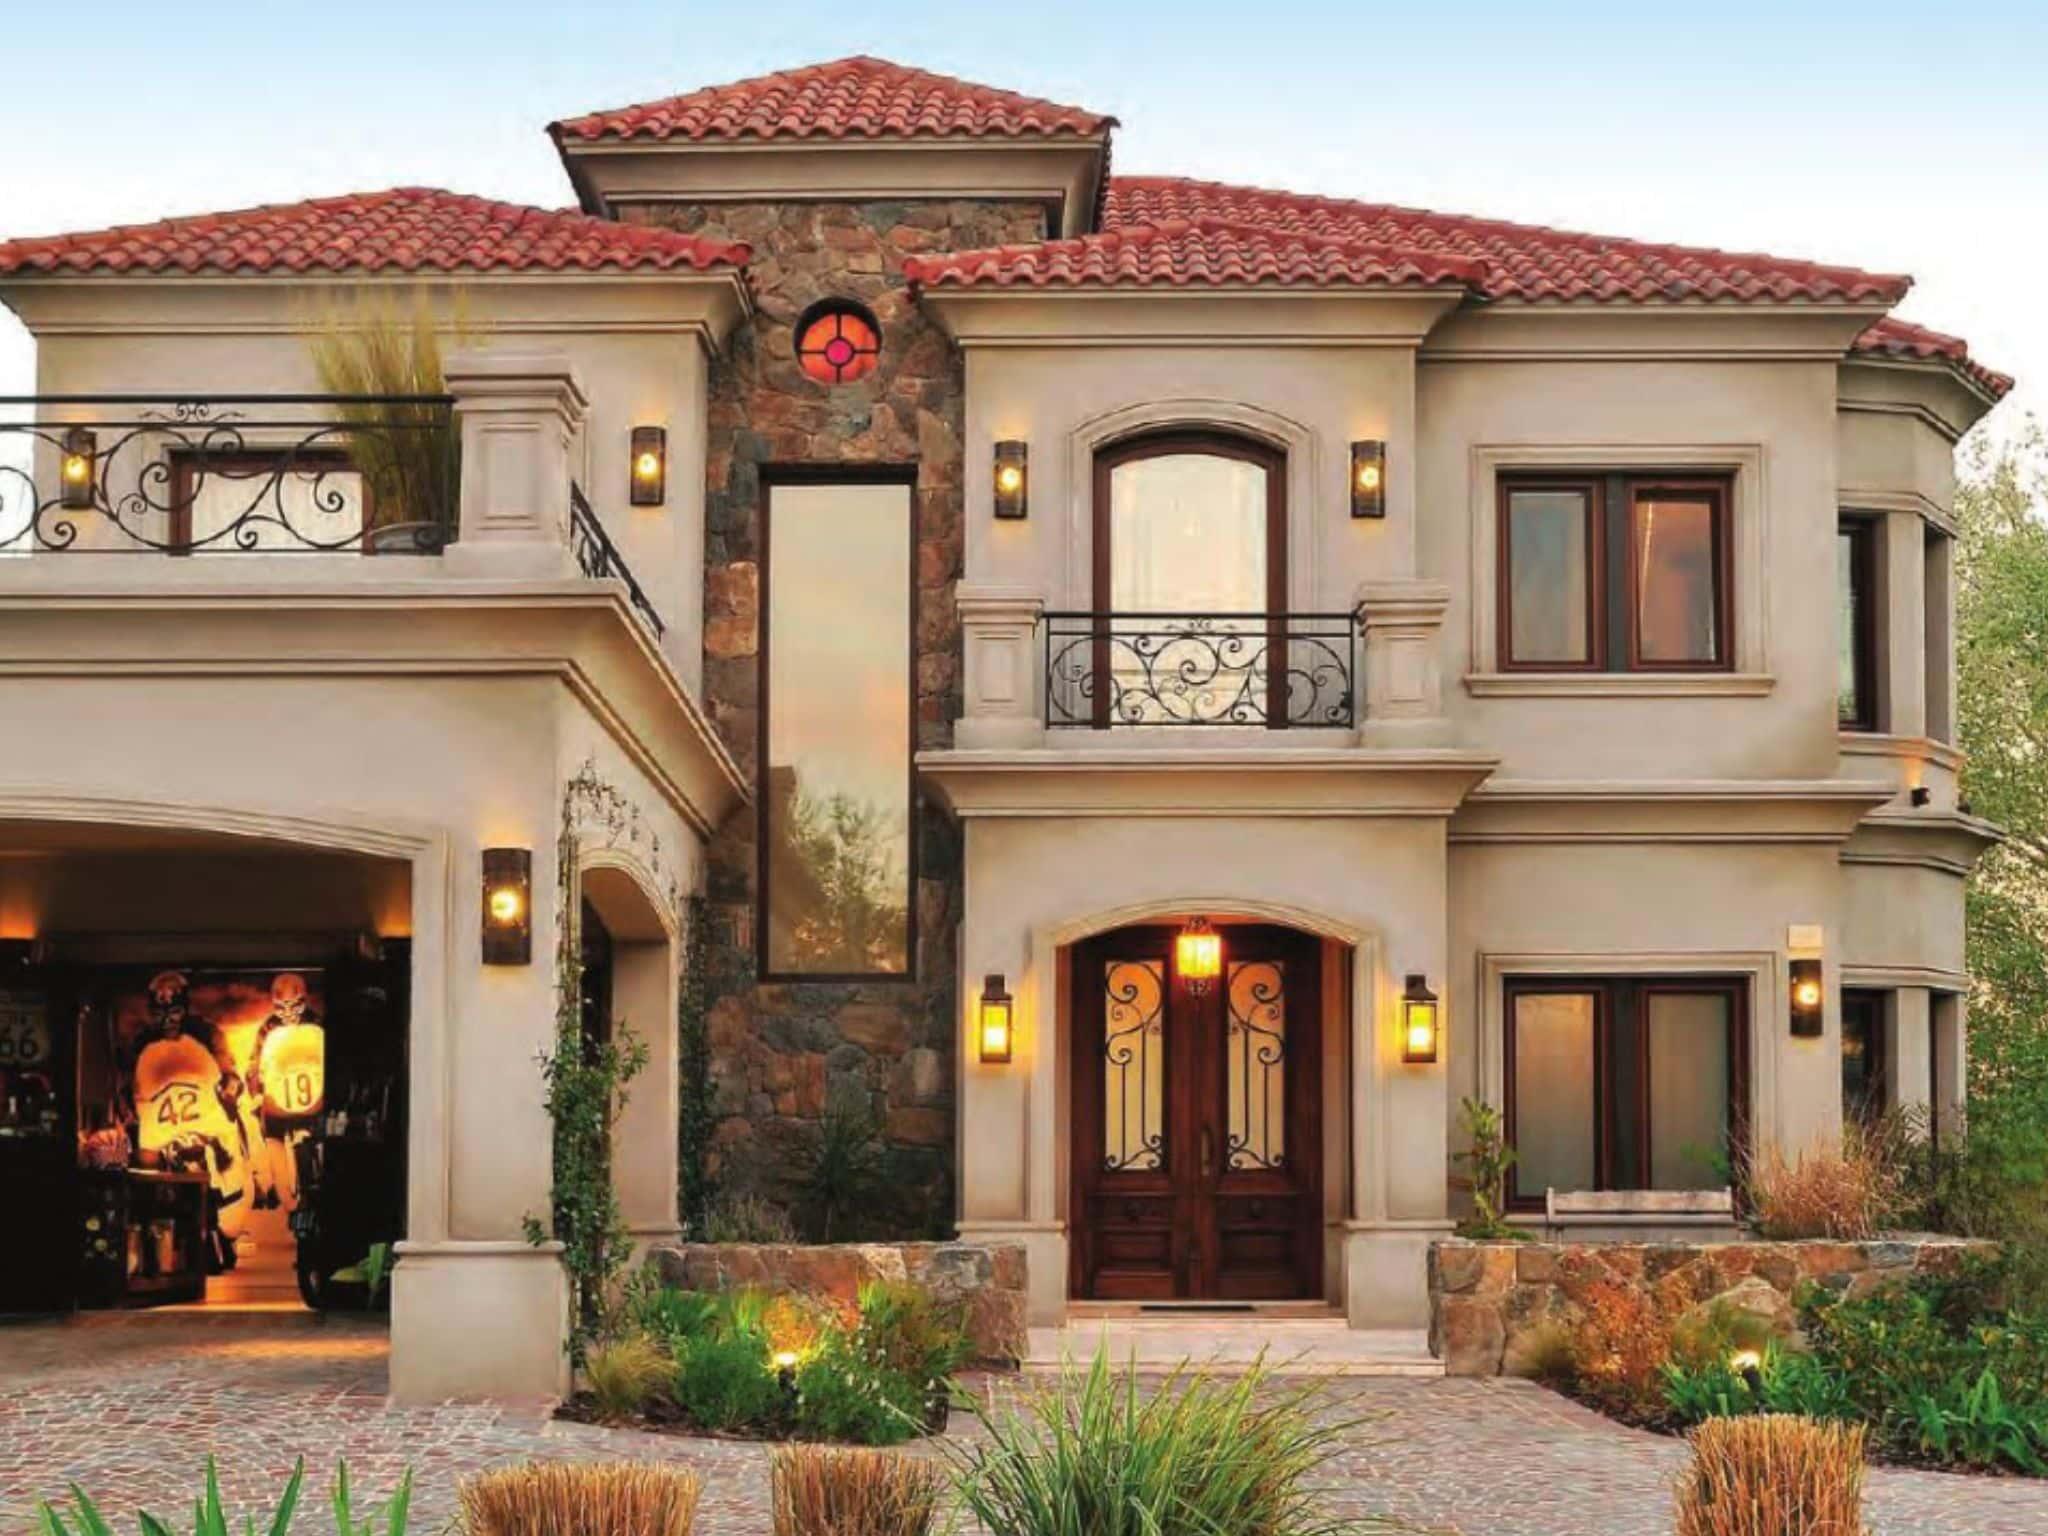 Fachadas Coloniales Modernas Con Diseños Atractivos